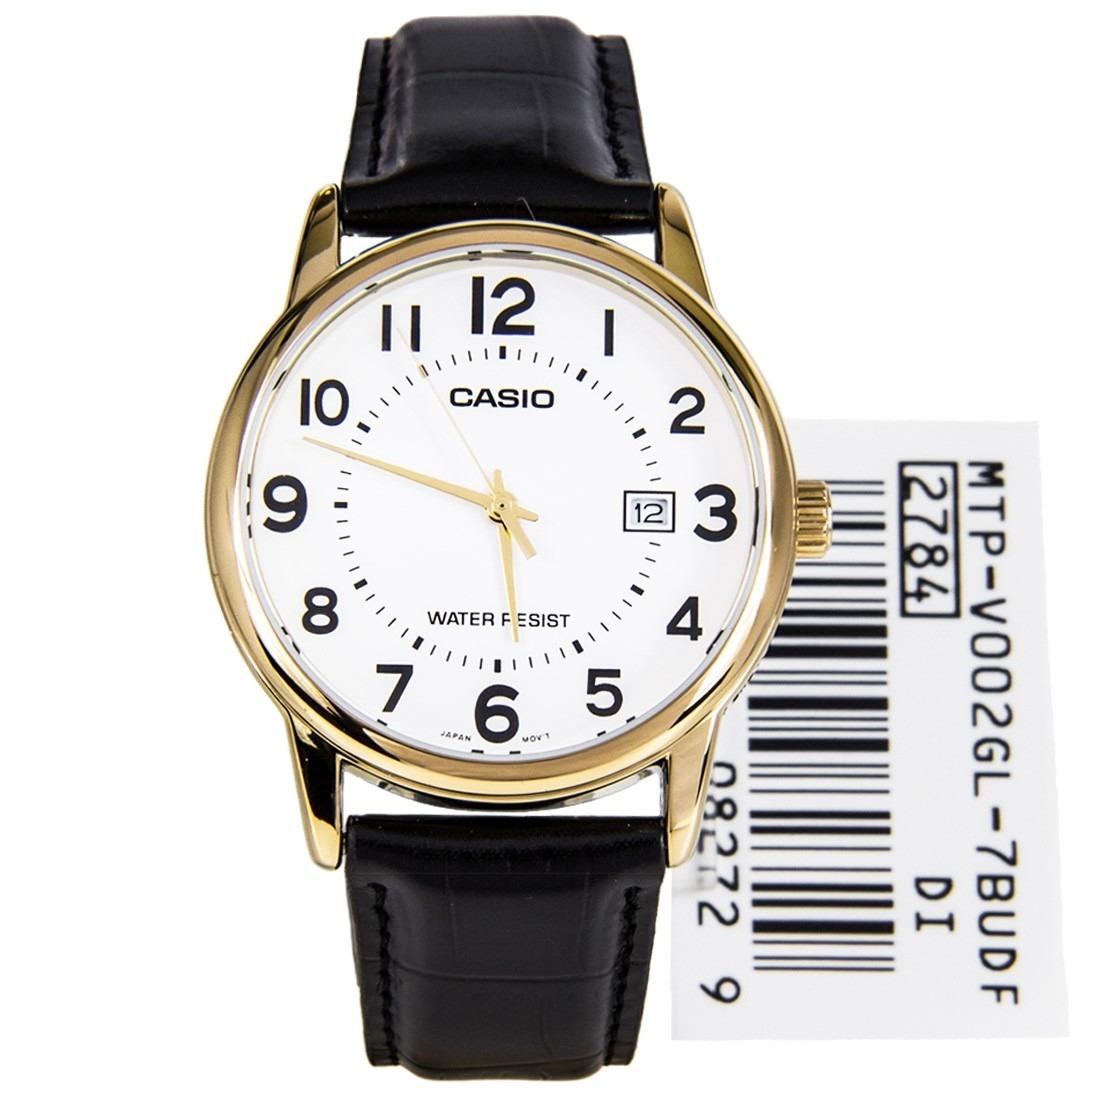 d7d026c39e5 relógio casio dourado em couro mtp-v002gl-7budf. Carregando zoom.